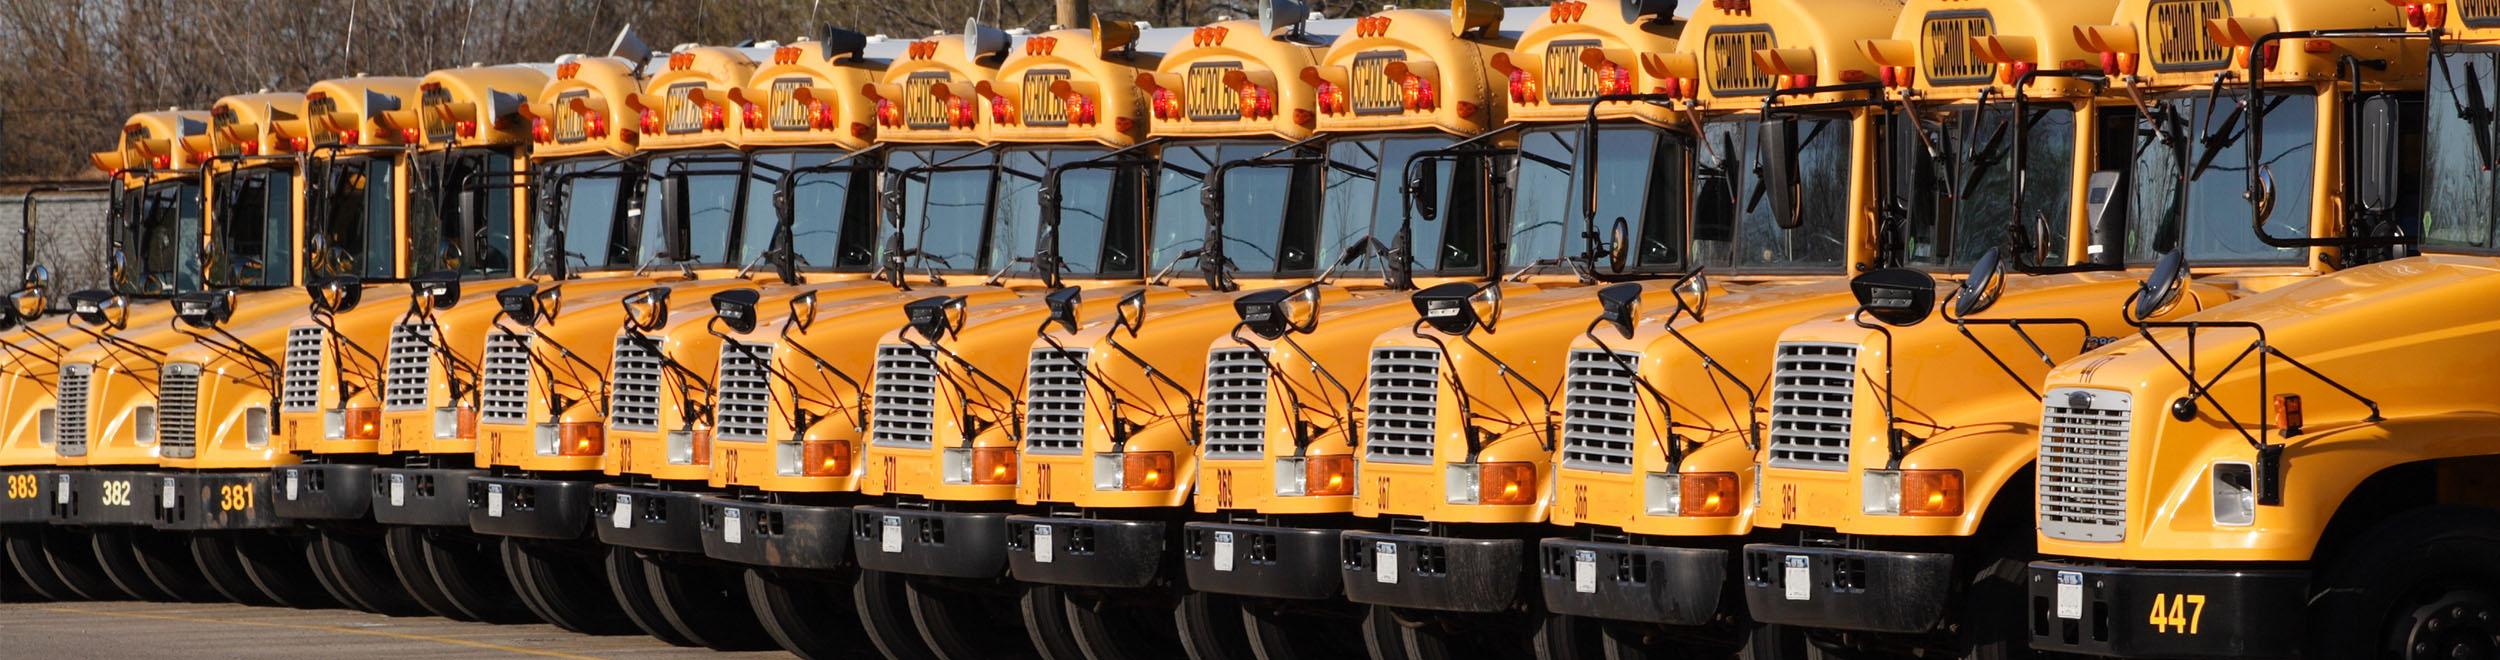 Bus Transportation Management Product Comparison